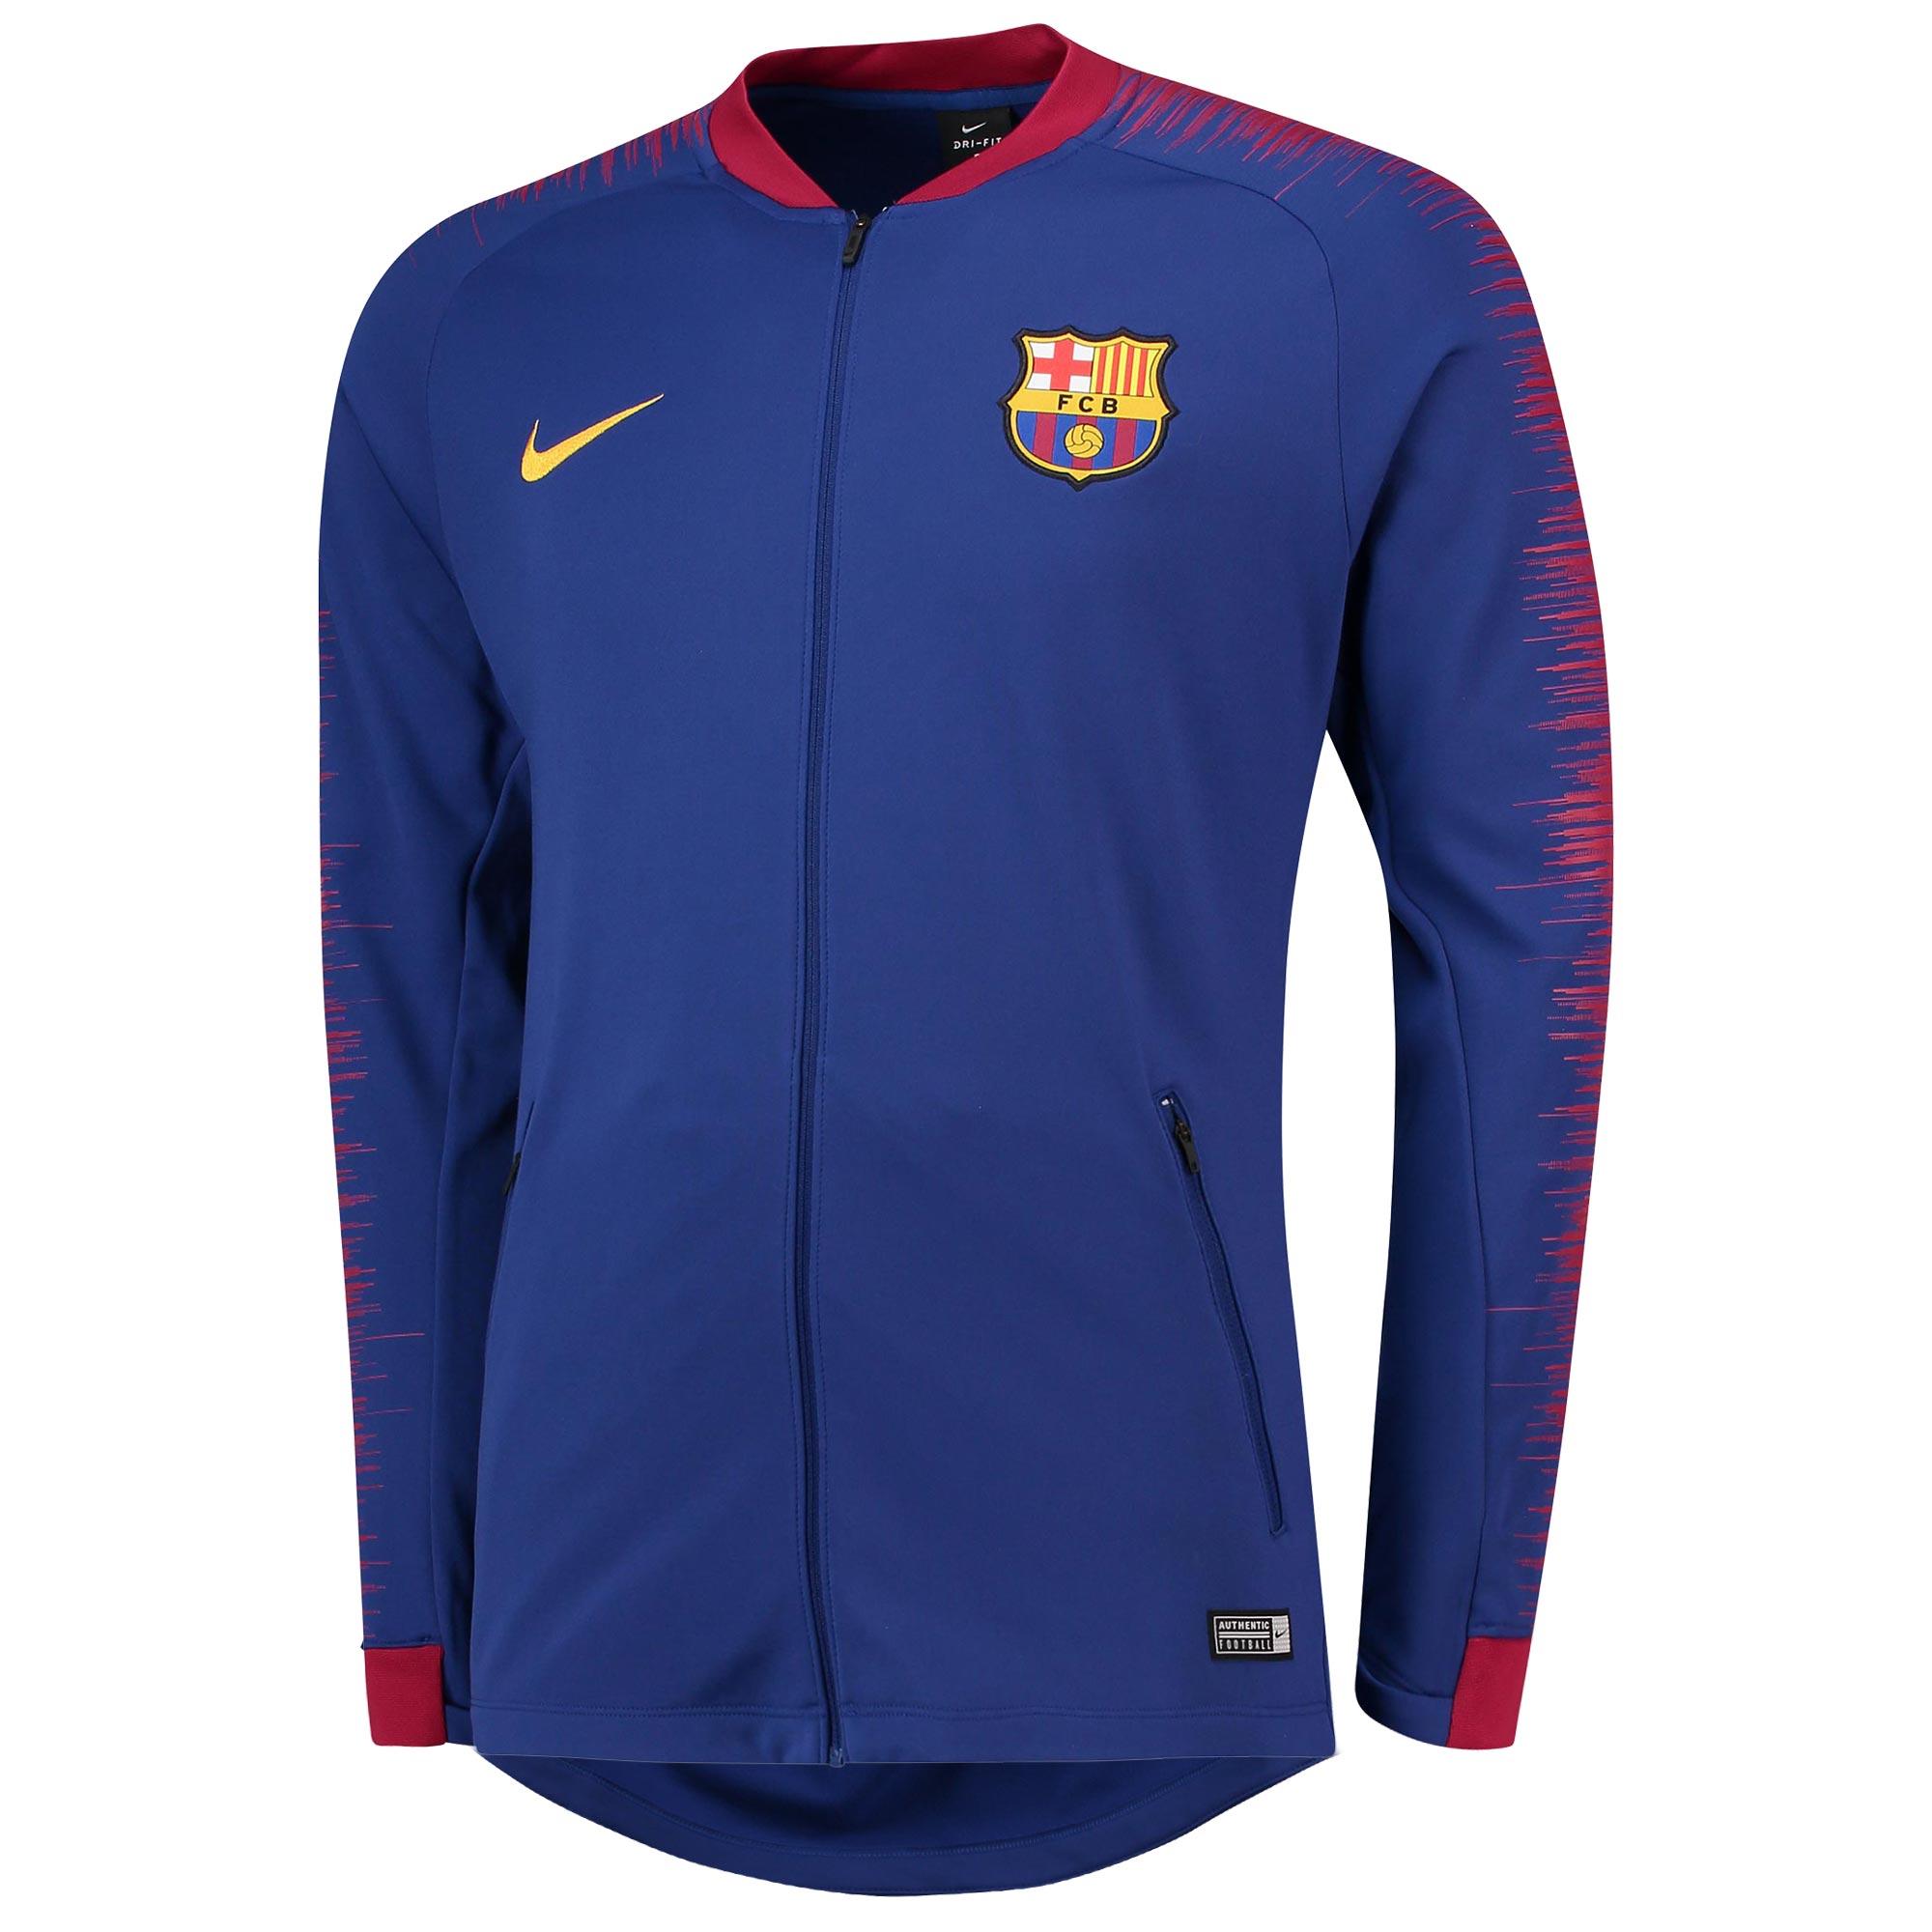 1b7a23c9eba7a Futbalové kluby (všetky) | Nike FC Barcelona mikina / bunda modrá ...